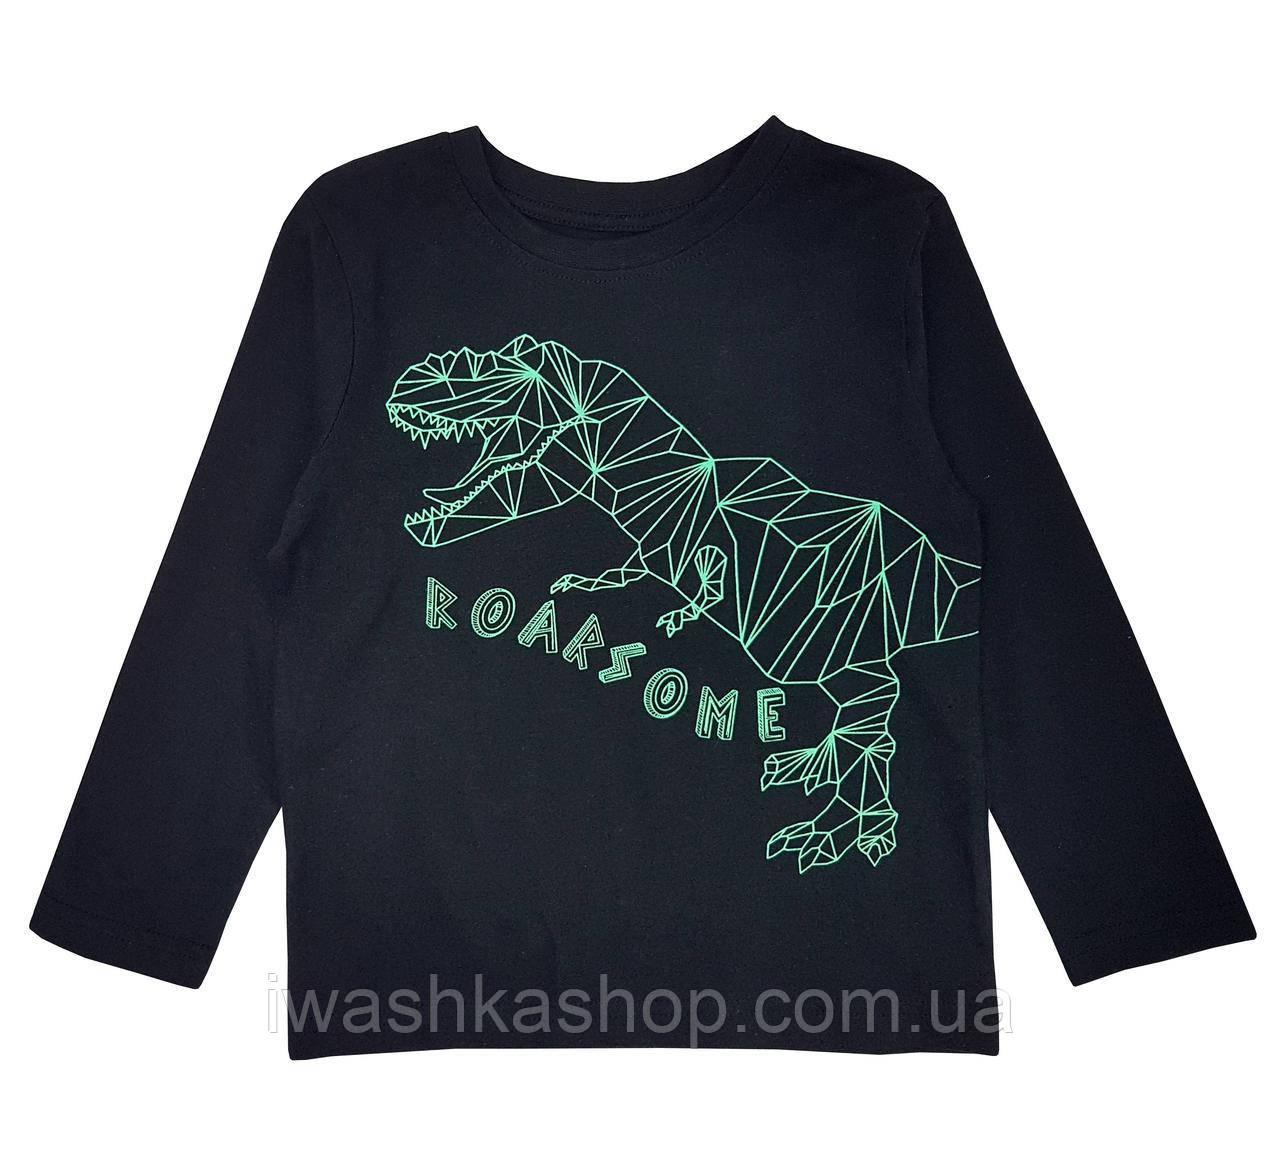 Лонгслив со светящимся в темноте динозавром на мальчика 4 - 5 лет, р. 110, Primark